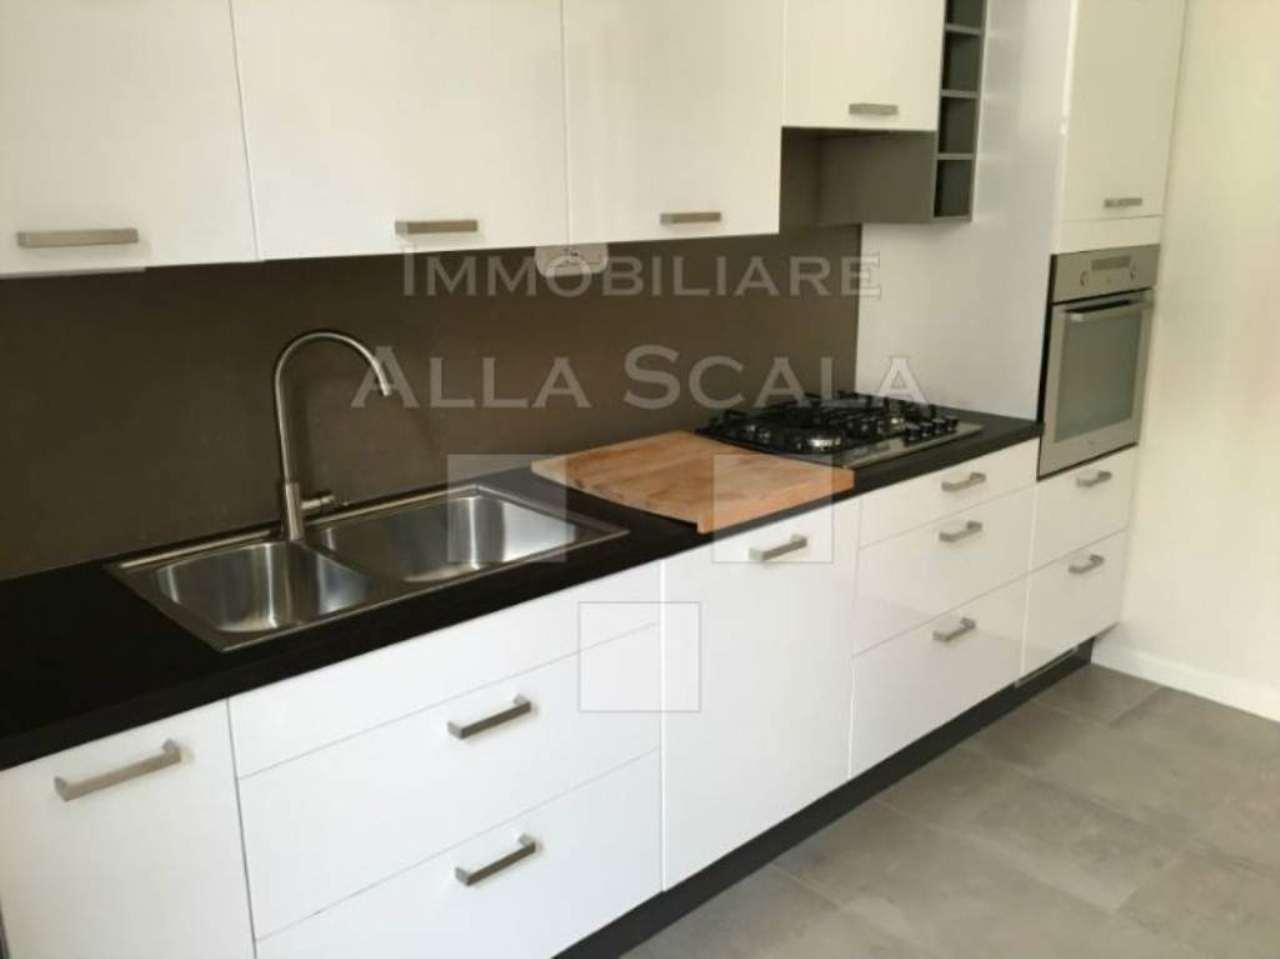 Appartamento in affitto a Milano, 3 locali, zona Zona: 1 . Centro Storico, Duomo, Brera, Cadorna, Cattolica, prezzo € 2.000 | Cambio Casa.it